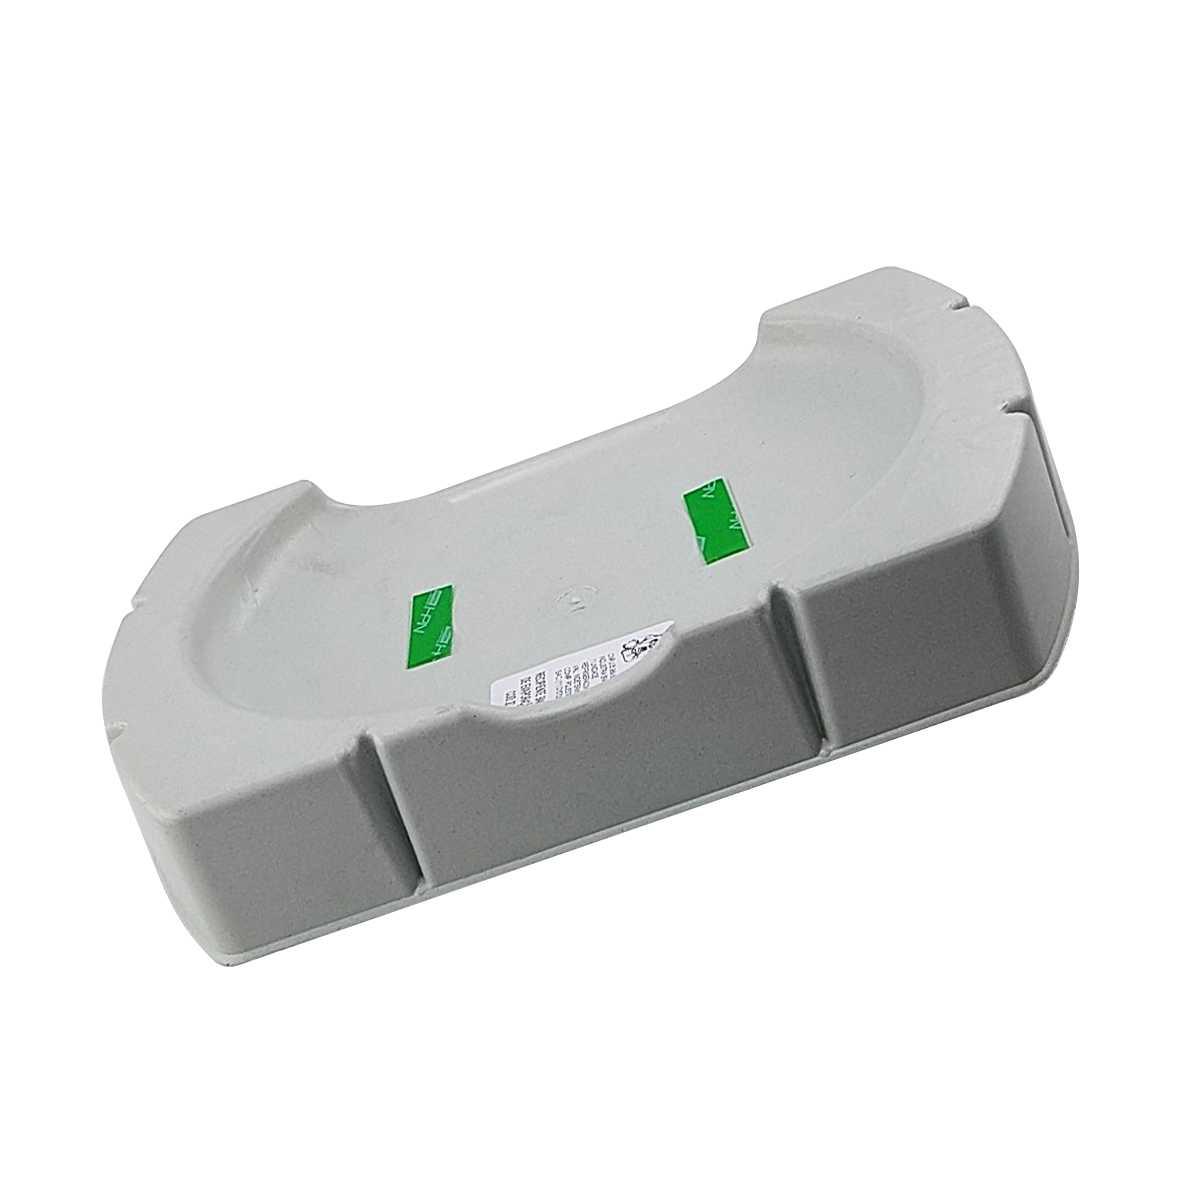 Recipiente de evaporação dos compressores para Geladeiras Brastemp e Consul